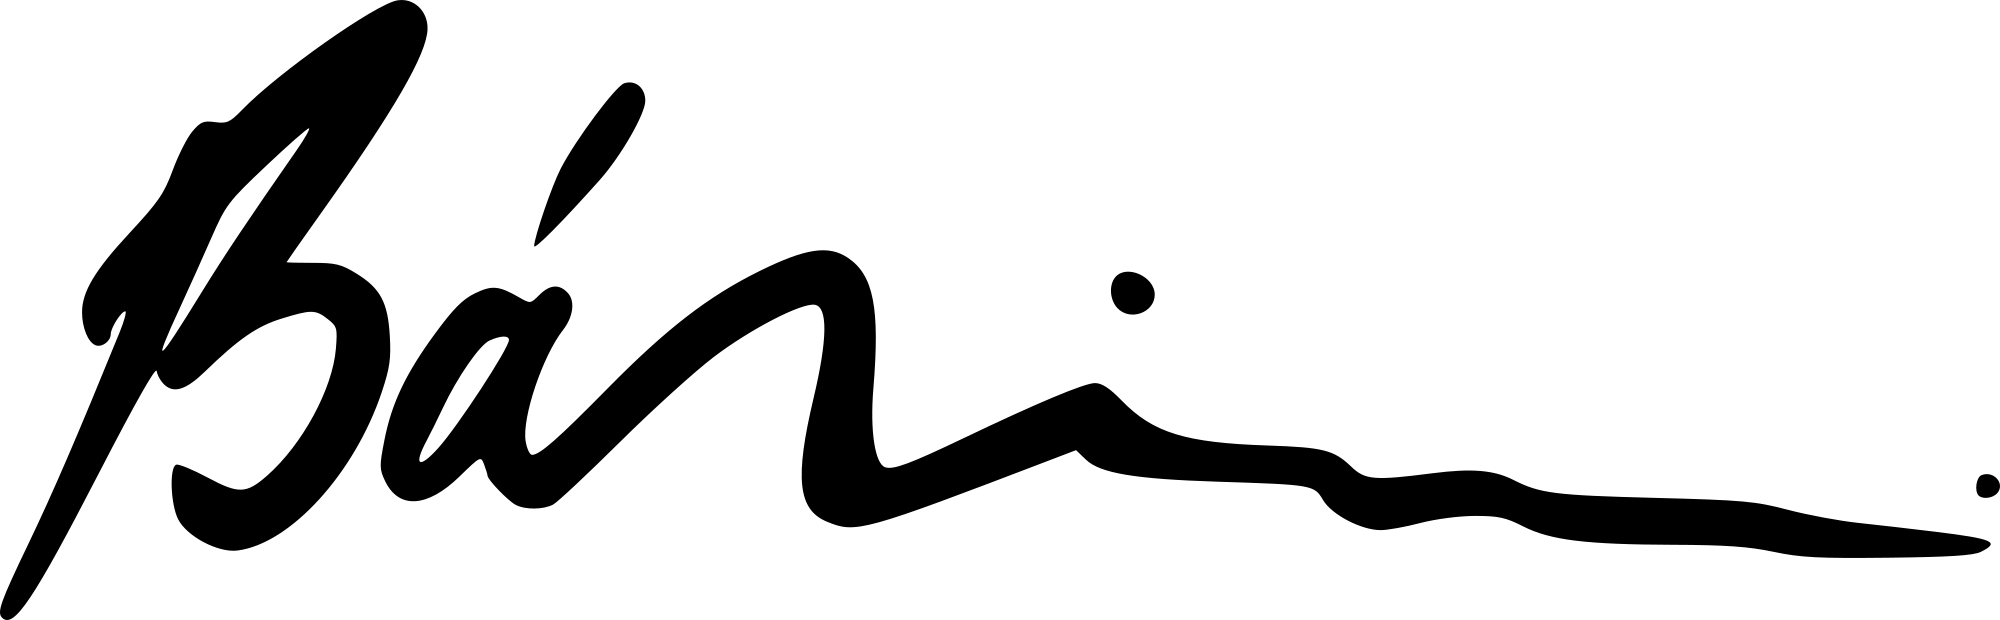 Zita Banyai Signature